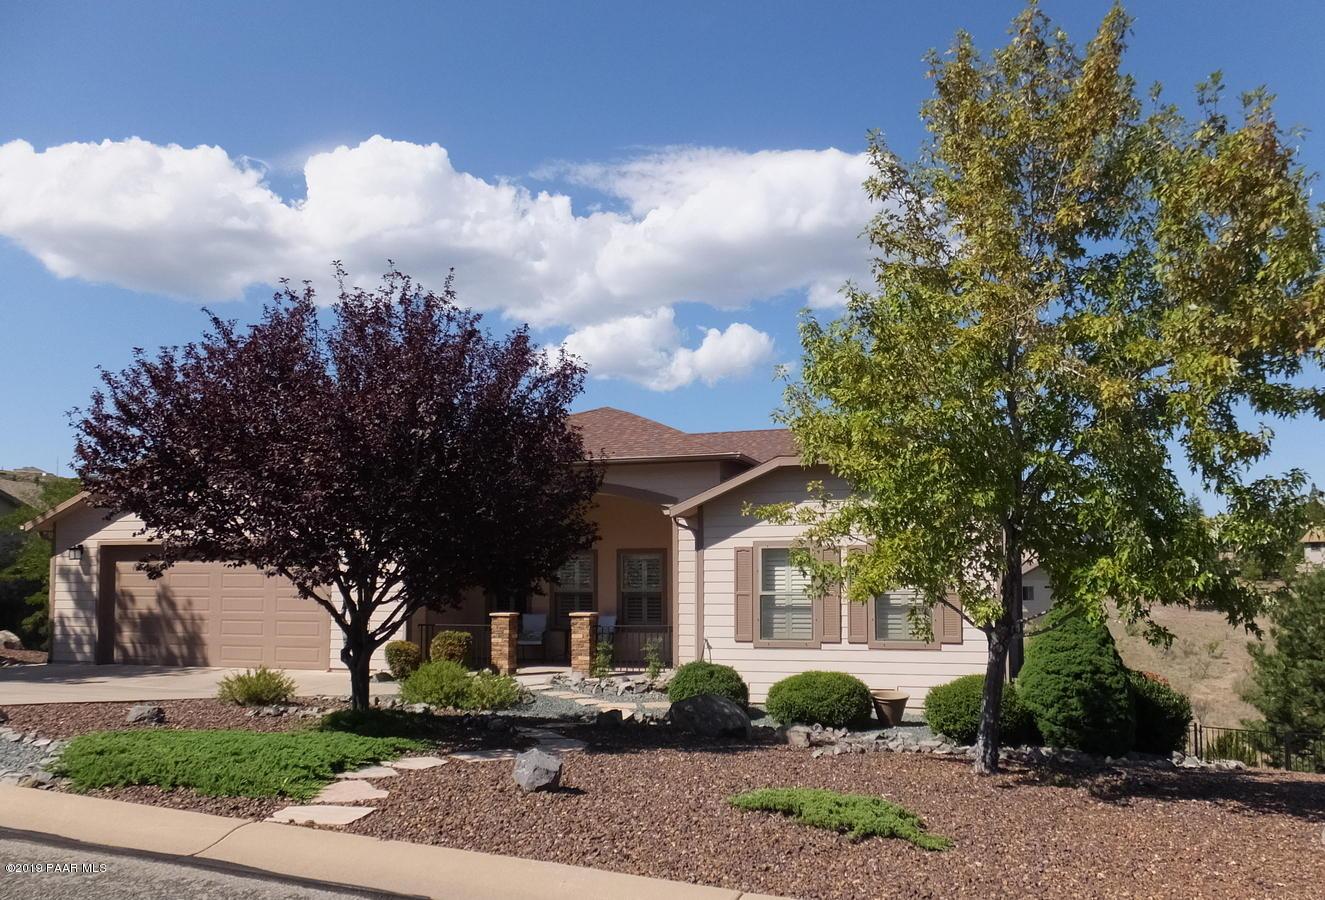 Photo of 2998 Brooks Range, Prescott, AZ 86301